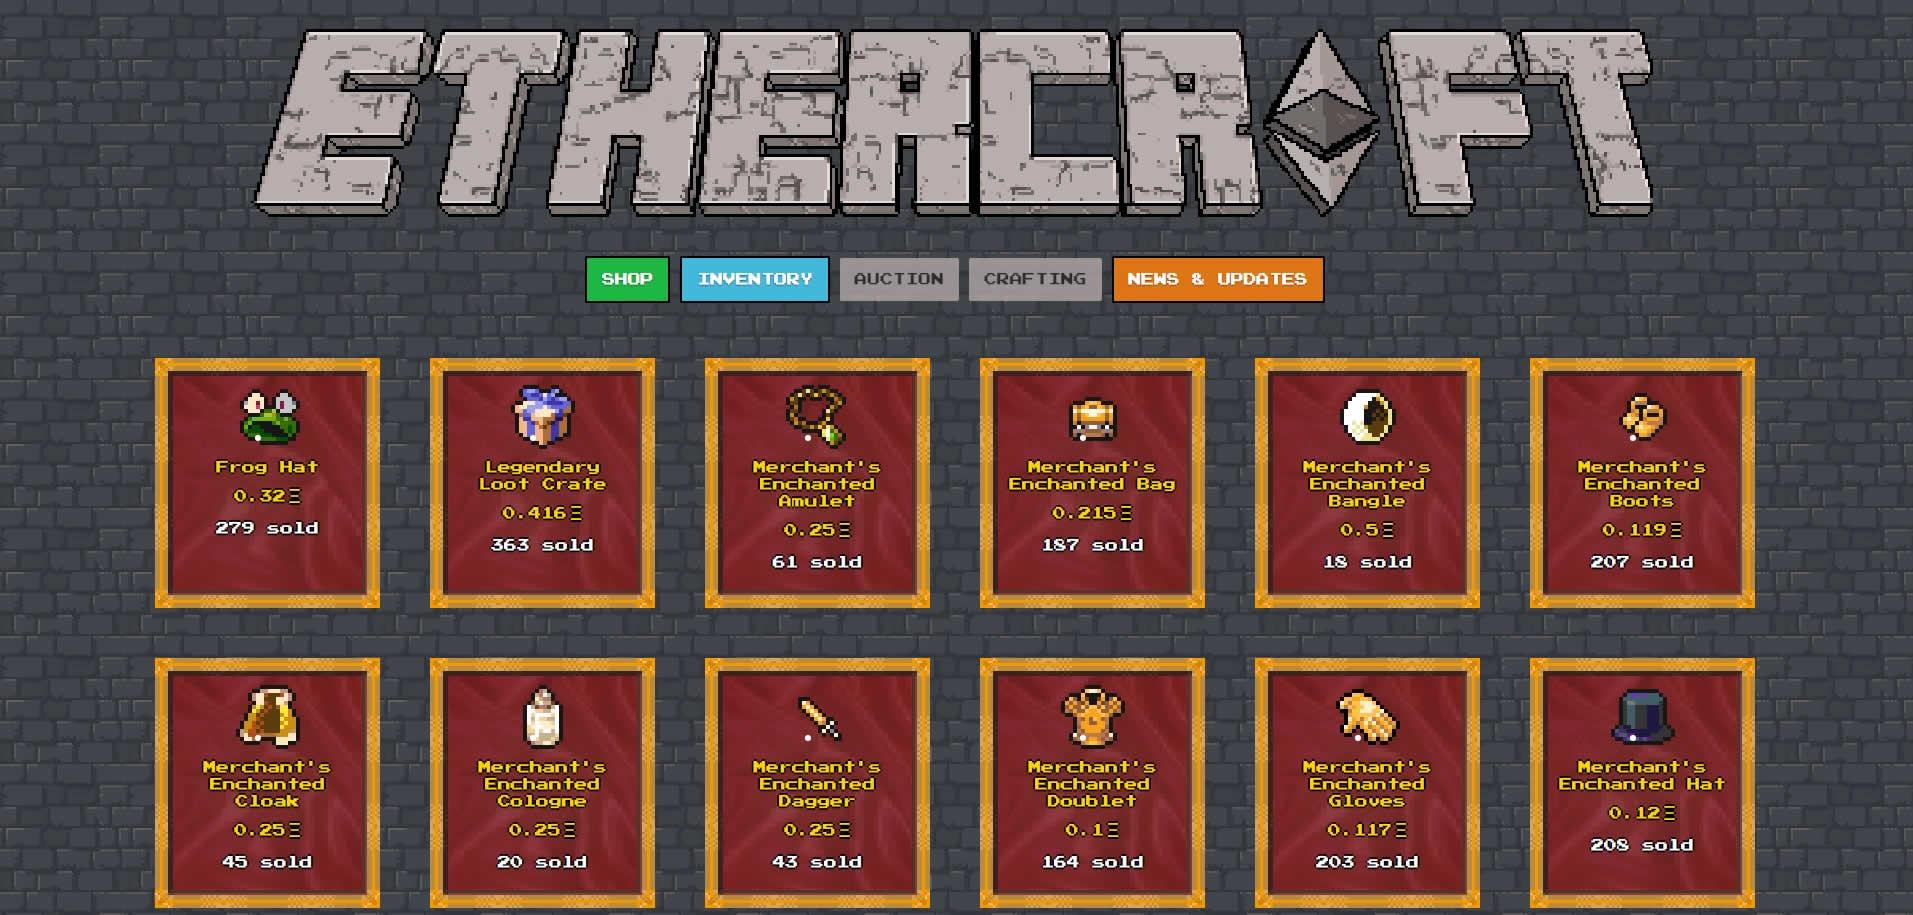 イーサリアムでマインクラフト!?分散型RPGゲーム『Ethercraft』が登場